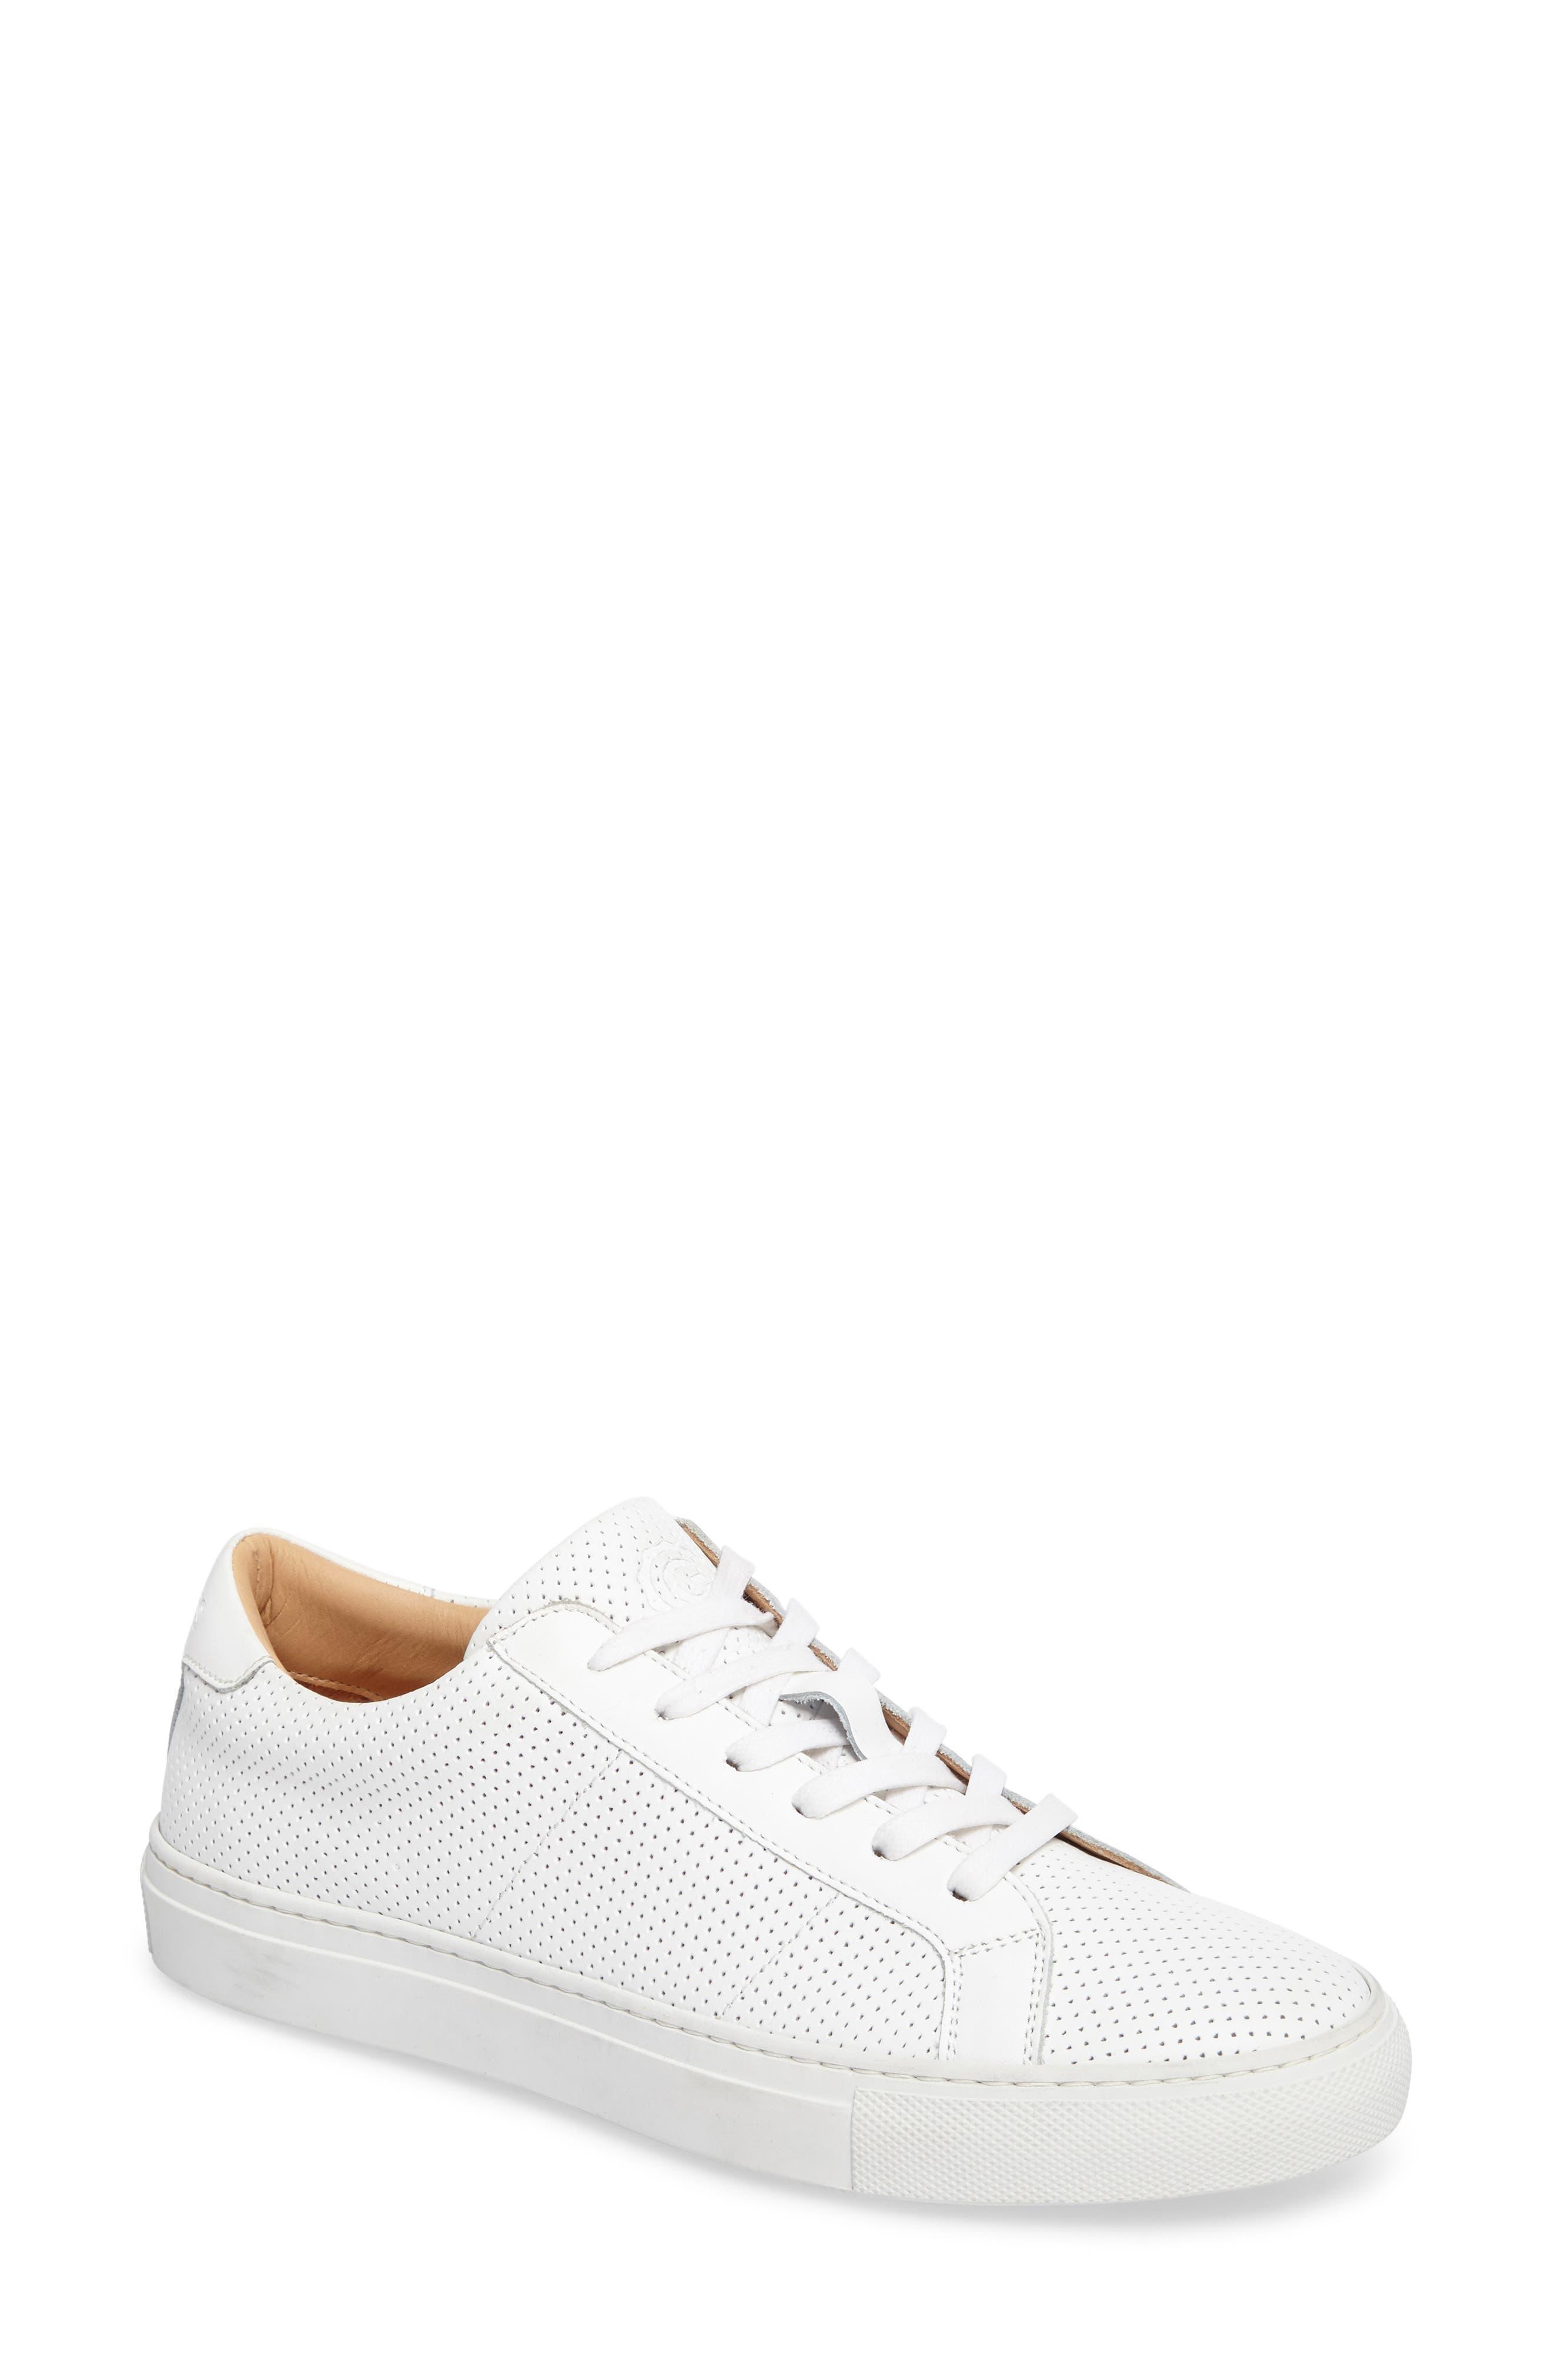 Greats Royale Low Top Sneaker (Women)